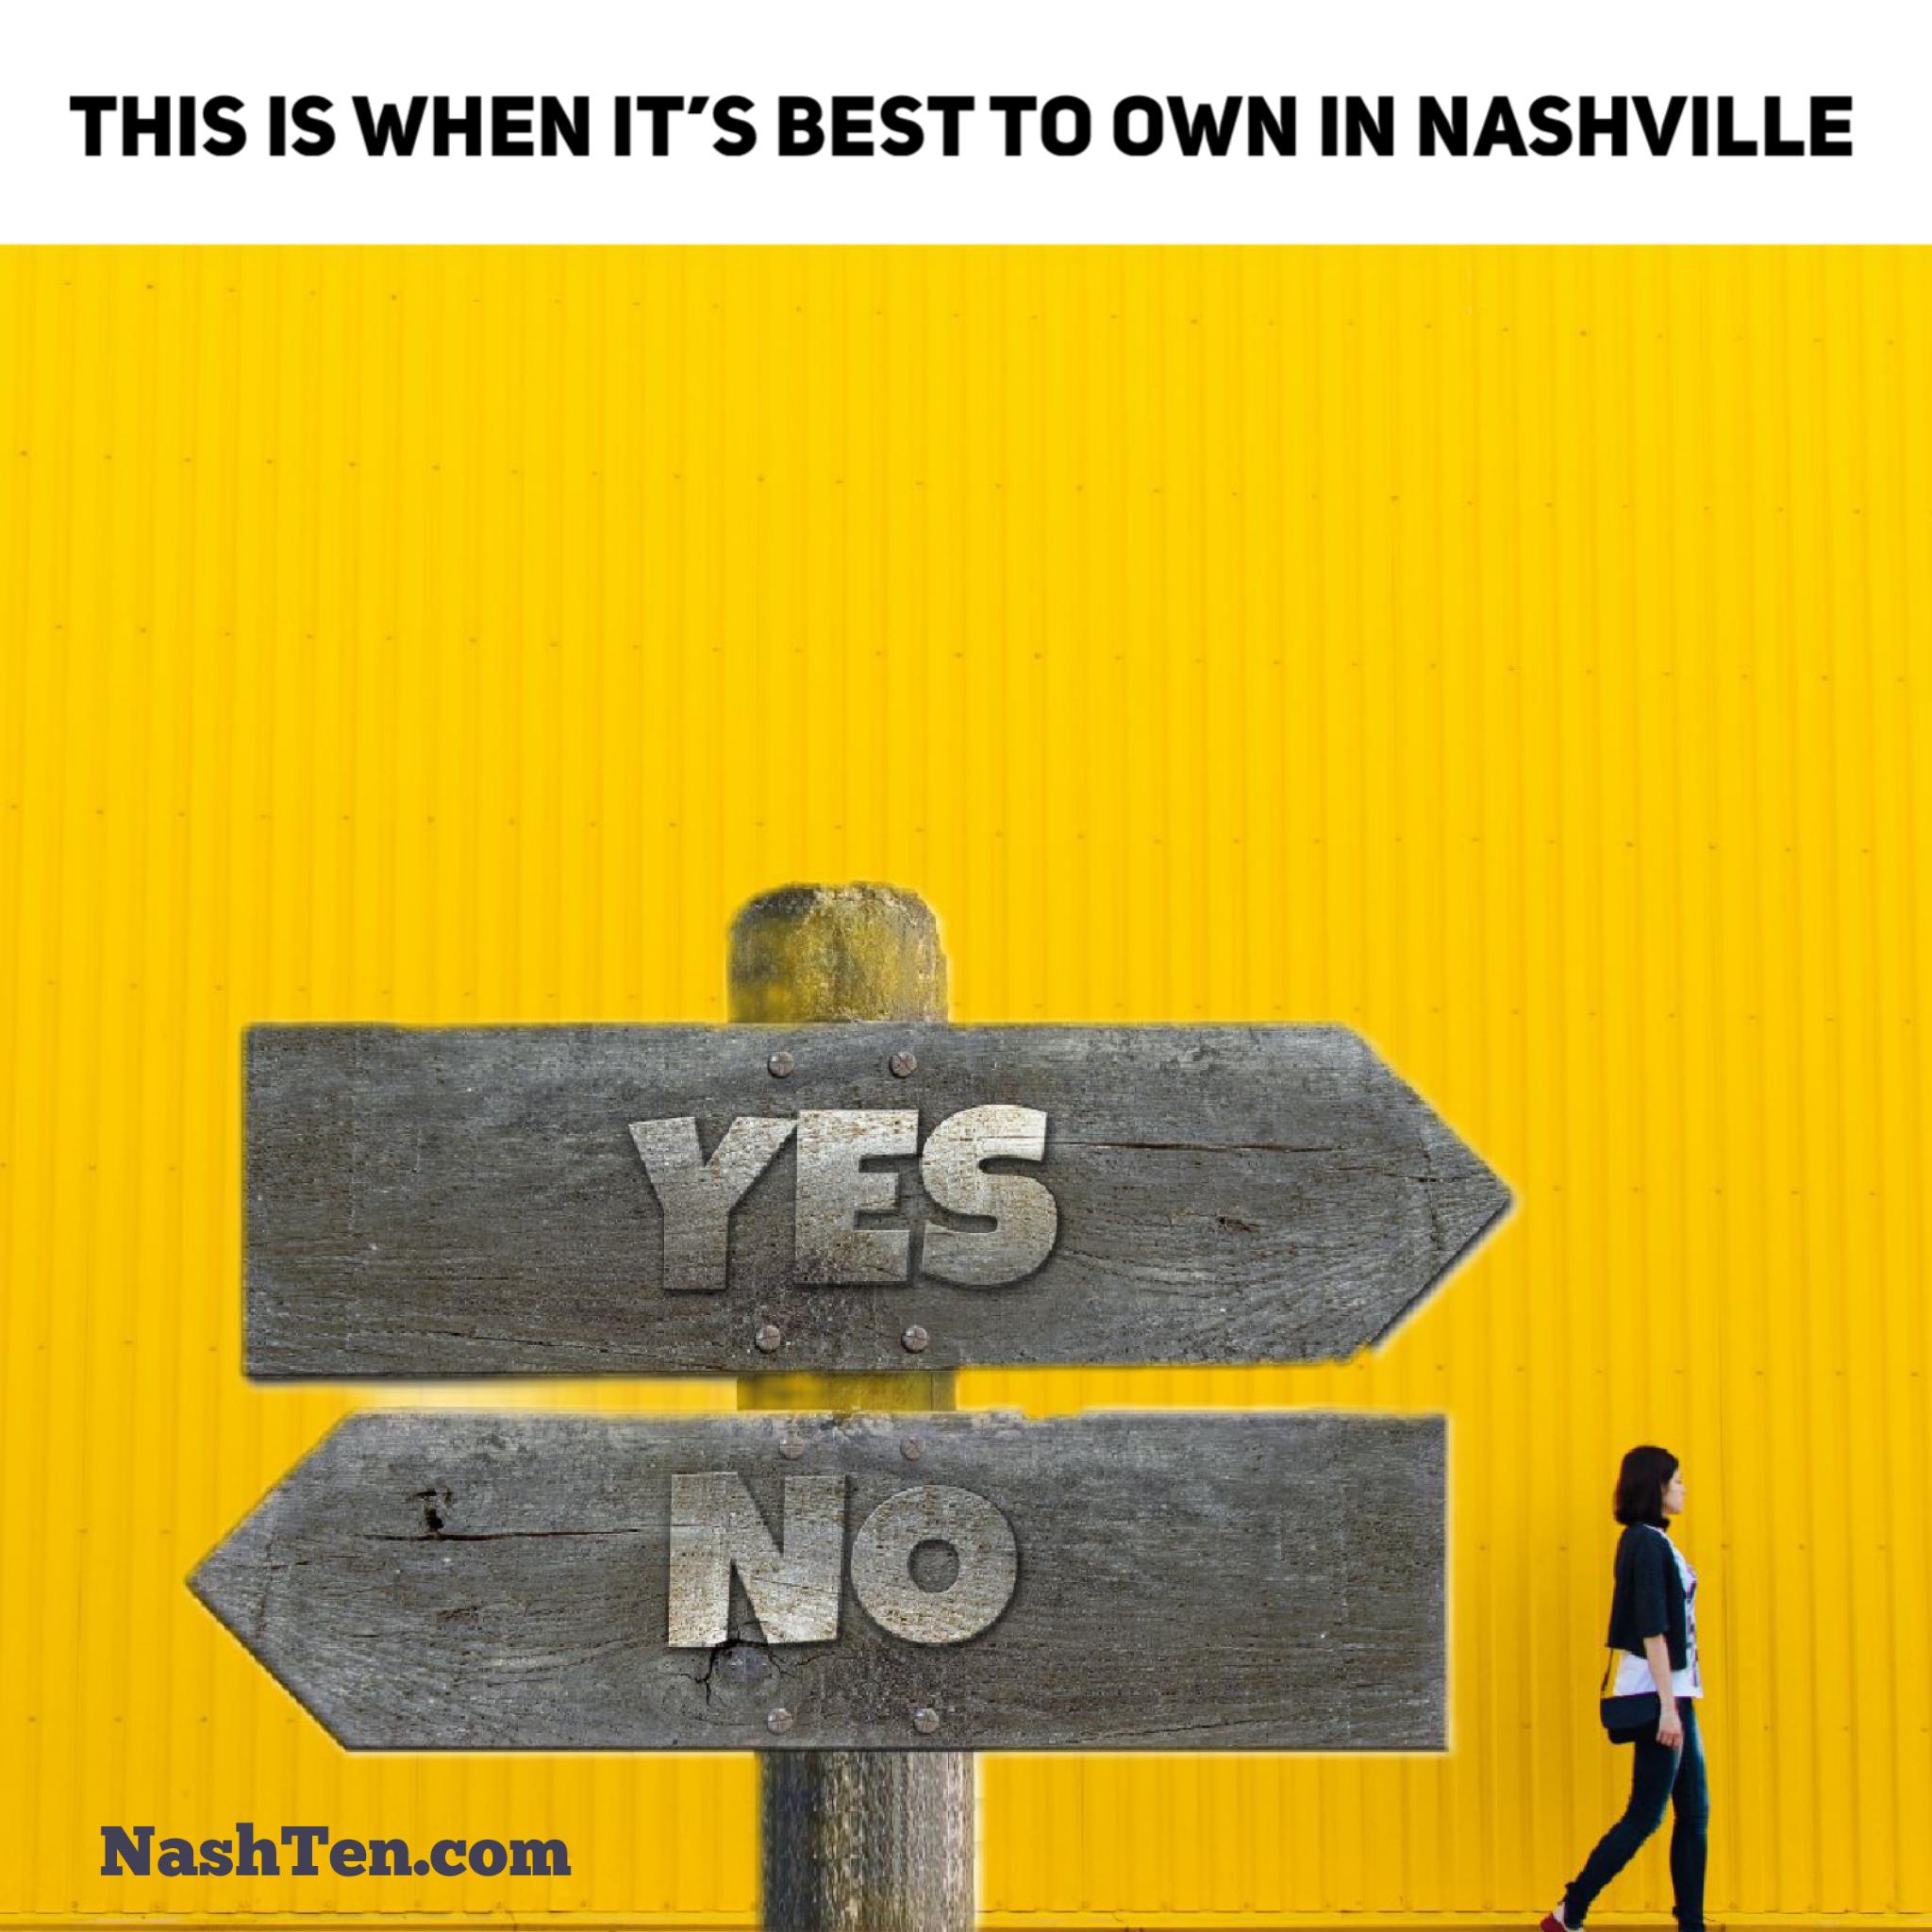 Rent vs Buy in Nashville